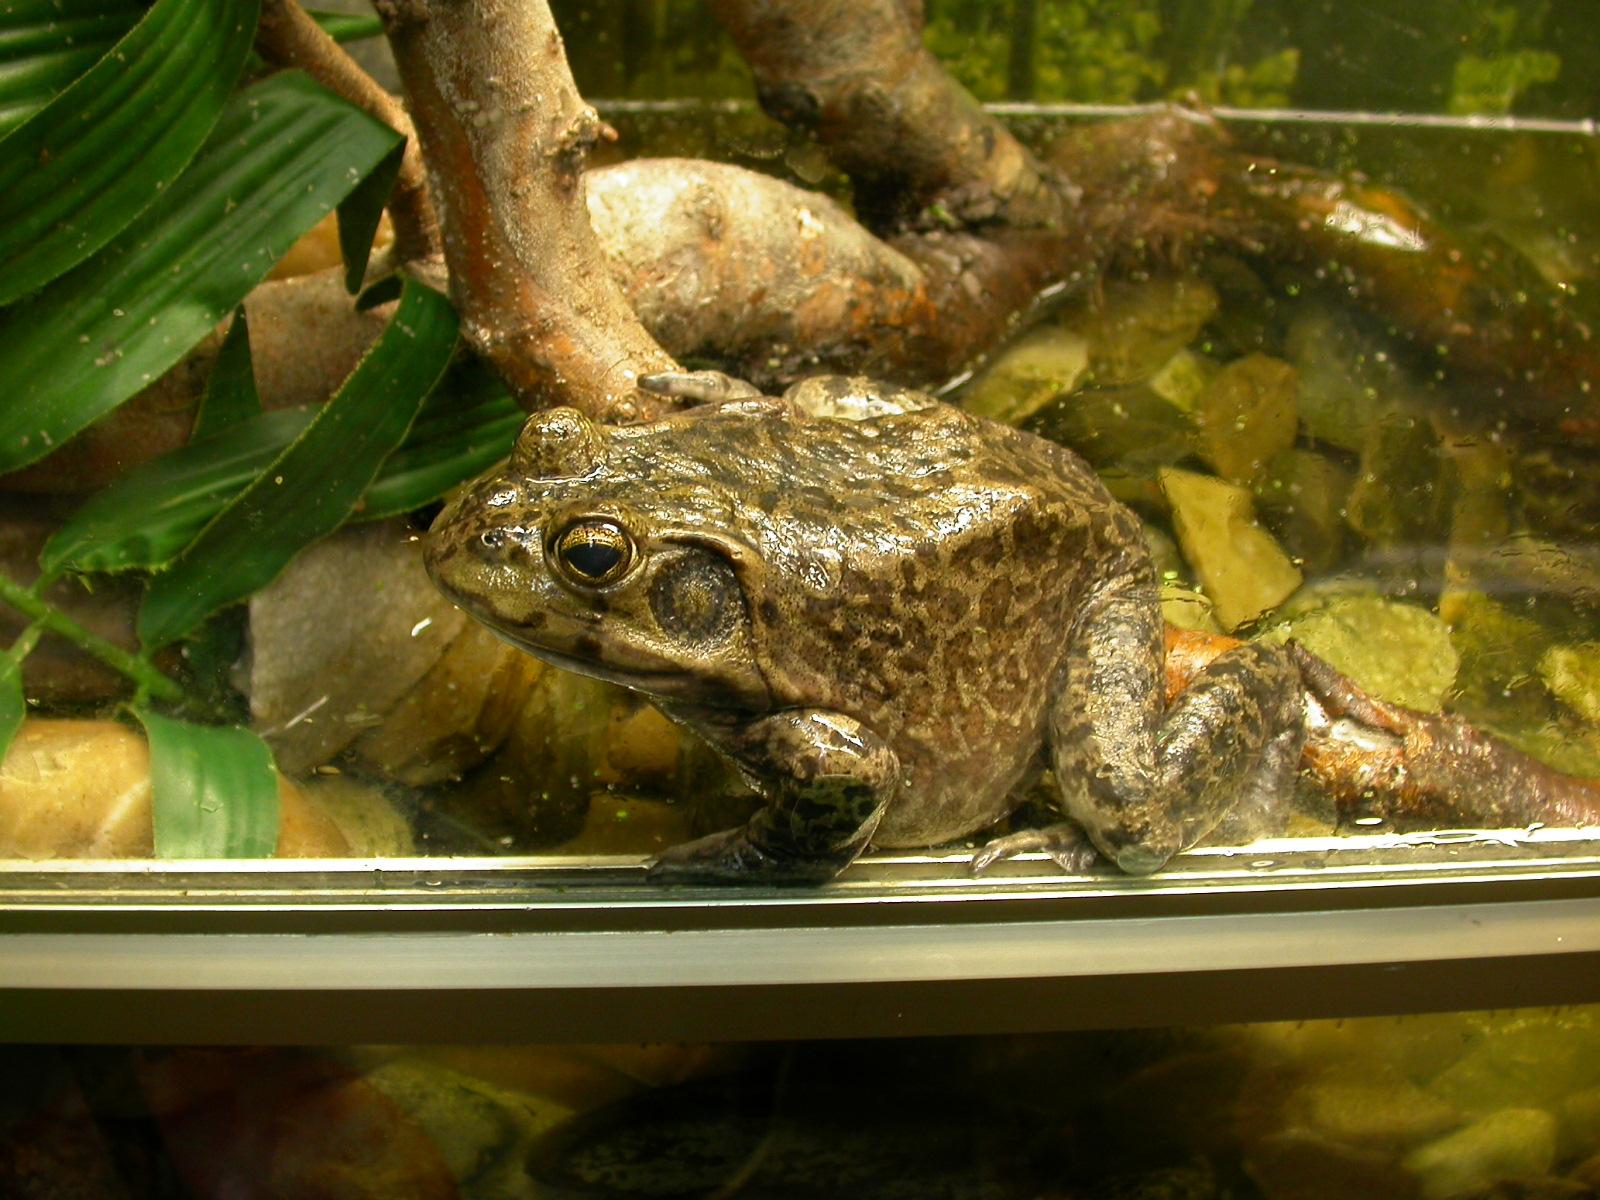 Террариум для наземных лягушек и жаб, размеры террариума 56